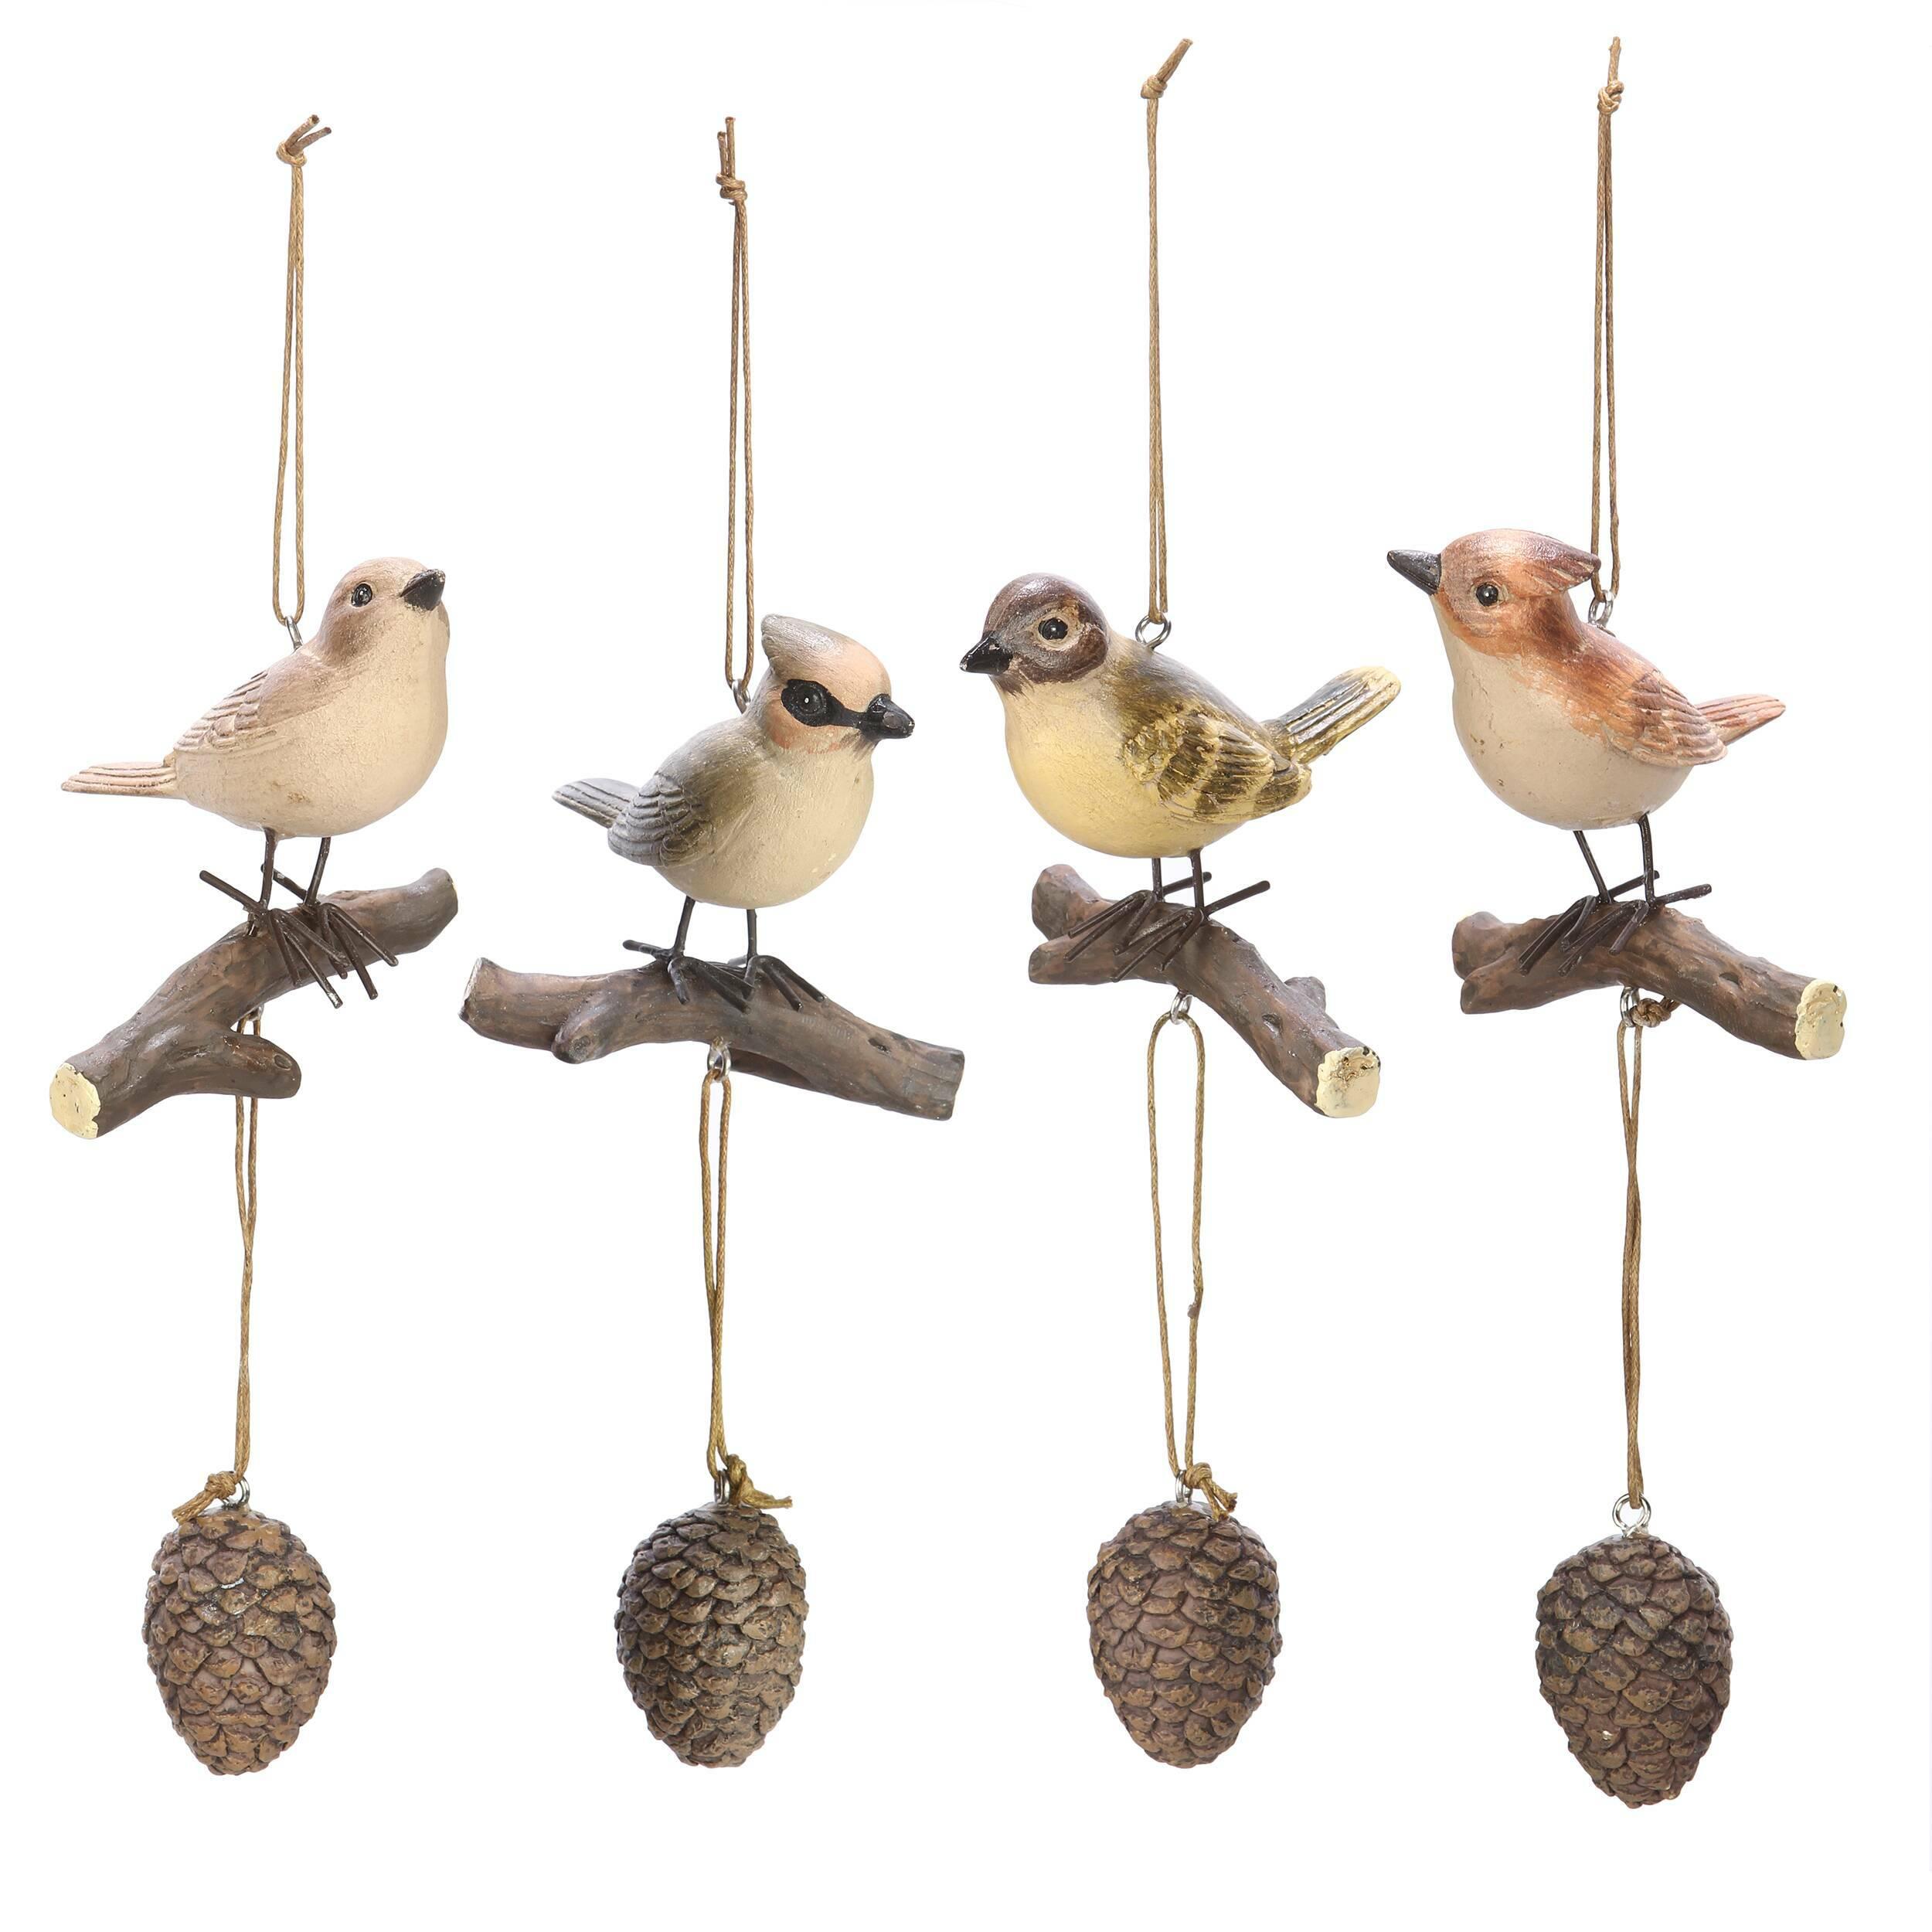 Декор Song-BirdsРазное<br>Дизайнерские подвисные статуэтки Song-Birds (Сонг-Бёрдс) в форме птиц от Cosmo (Космо).<br>Оригинальные декор Song-Birds — это миловидное украшение для интерьера от компании Cosmo, которая с радостью дарит новые и новые дизайнерские решения под любого, даже самого строго ценителя красоты в интерьере. <br><br> Данный вариант декора подойдет тем, кто во всем ценит первозданную красоту. Изделие представляет собой певчих птиц, усевшихся на веточках. Статуэтки выполнены столь реалистично, что от колыхан...<br><br>stock: 12<br>Высота: 16.5<br>Ширина: 7.2<br>Материал: Смола<br>Цвет: Коричневый<br>Длина: 7.5